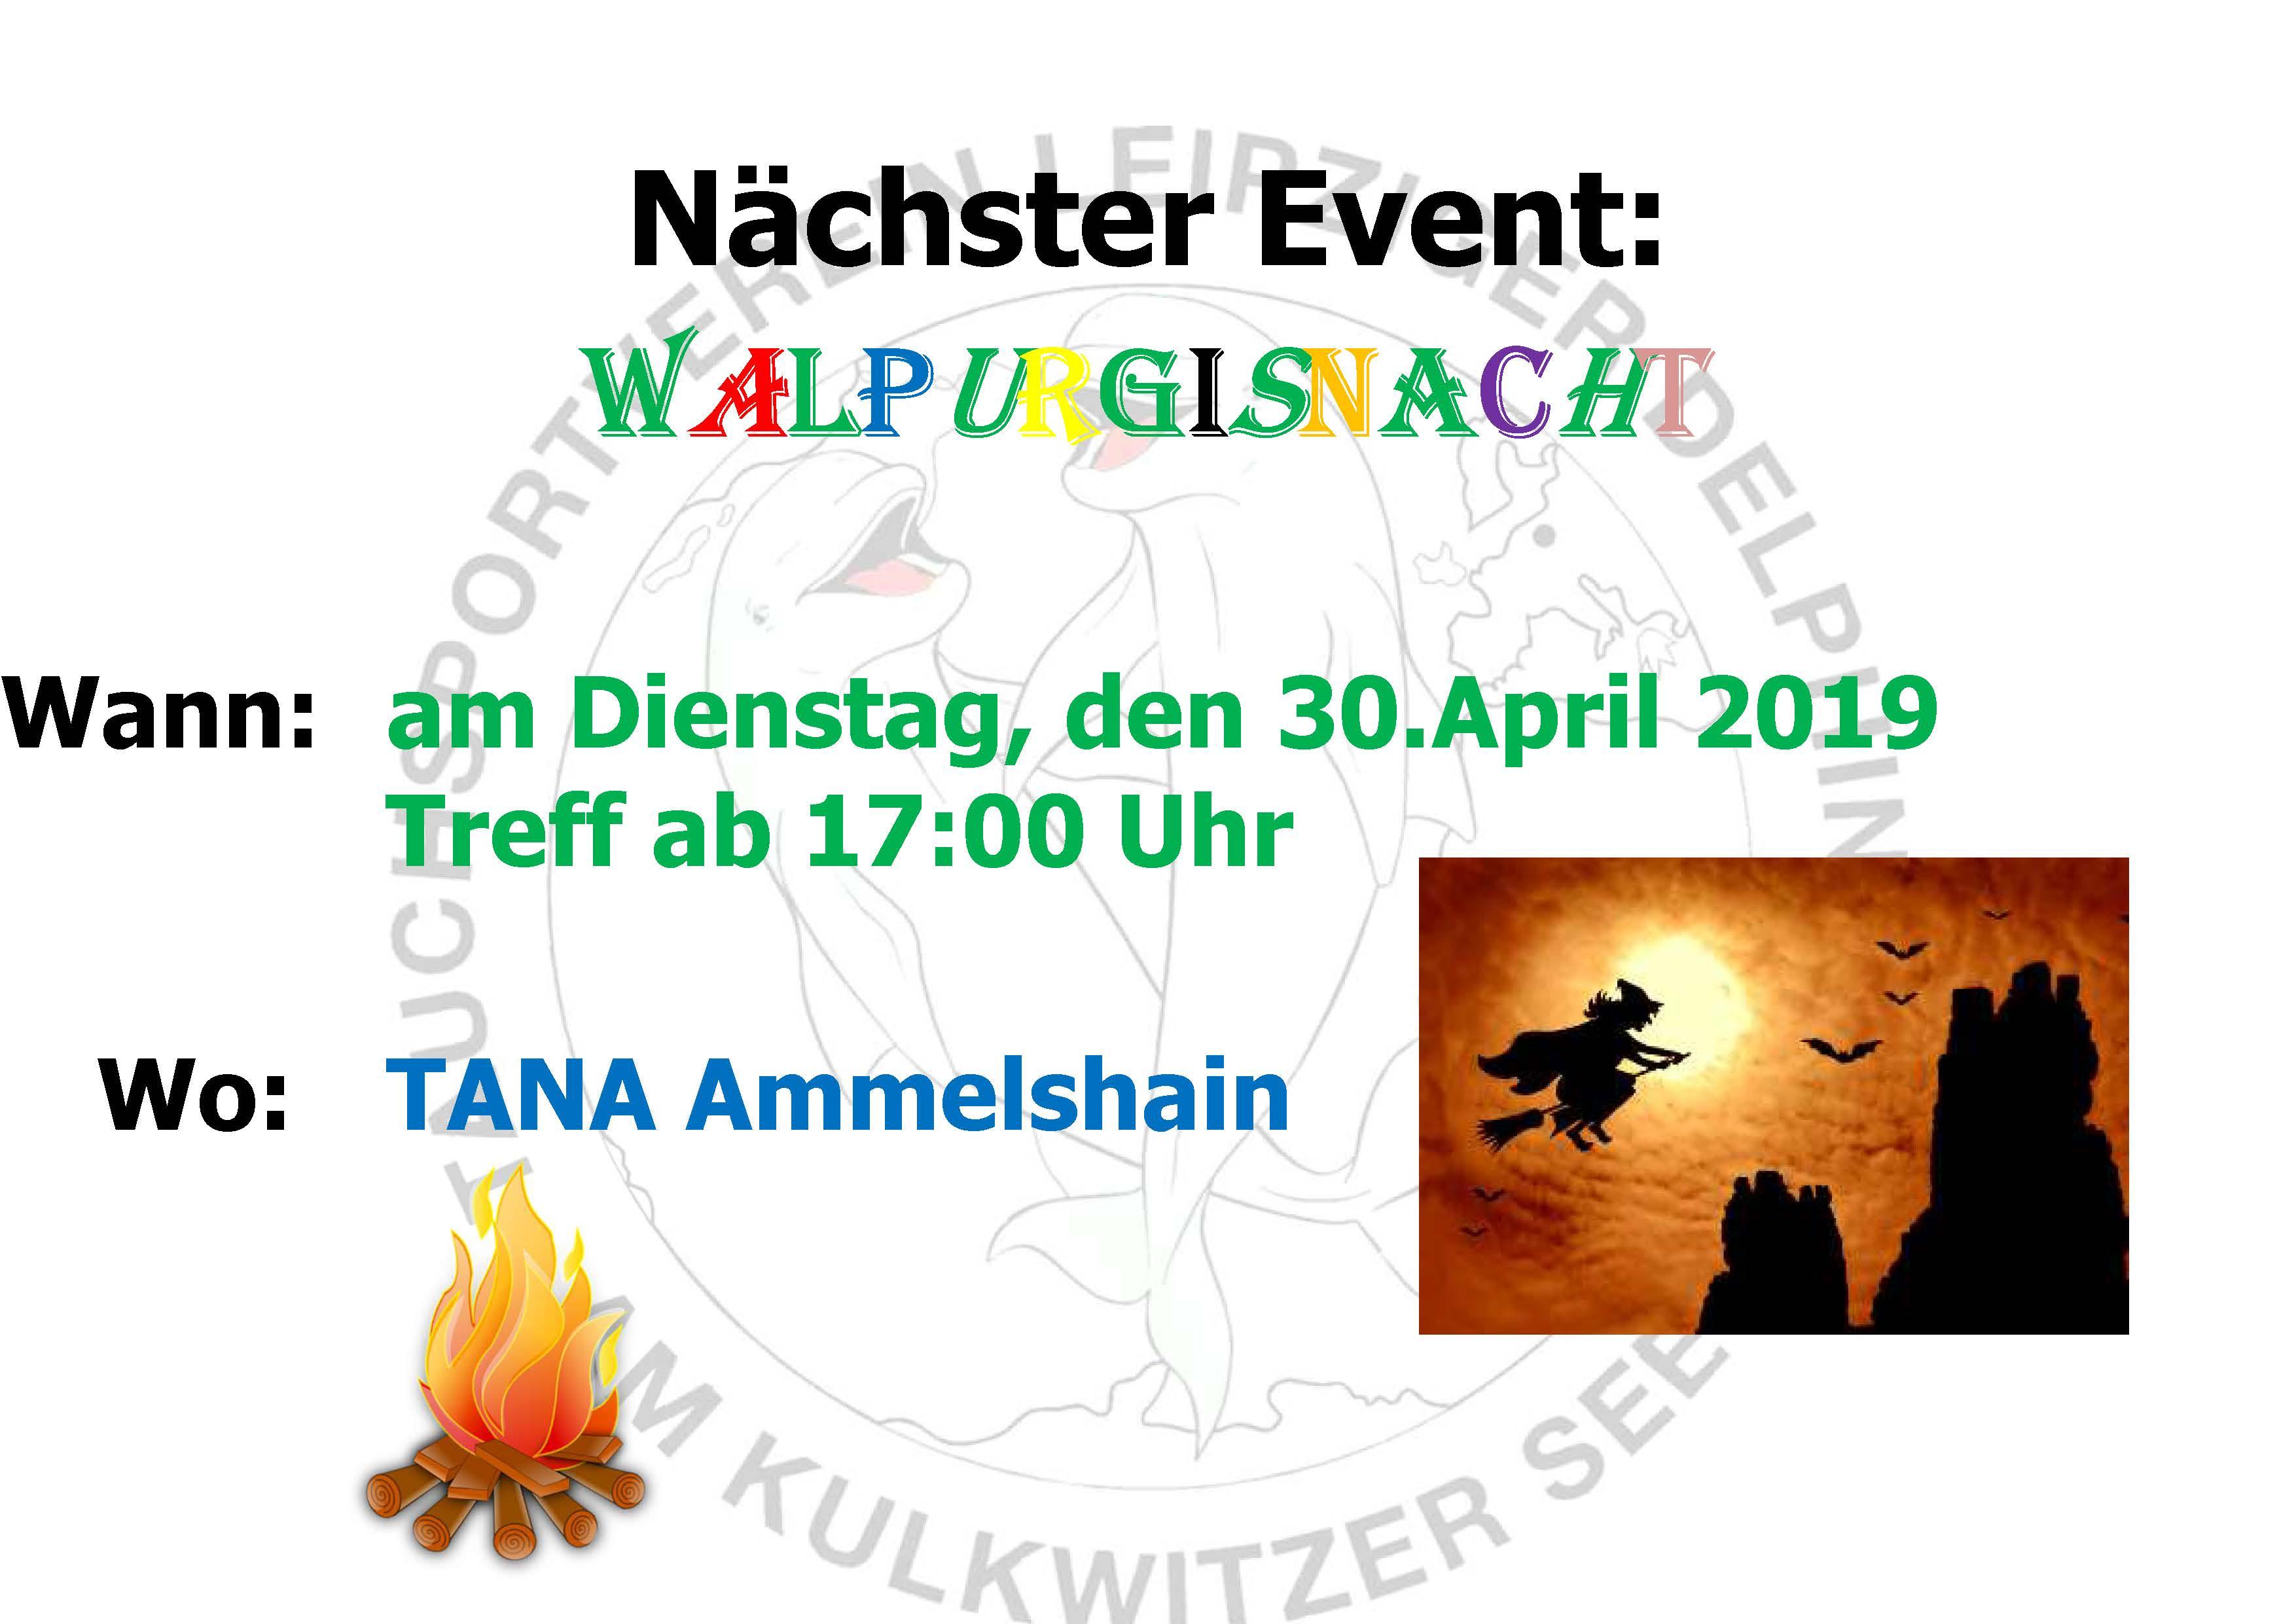 2019 03 19 Nächster Event Delphine Walpurgisnacht 2019